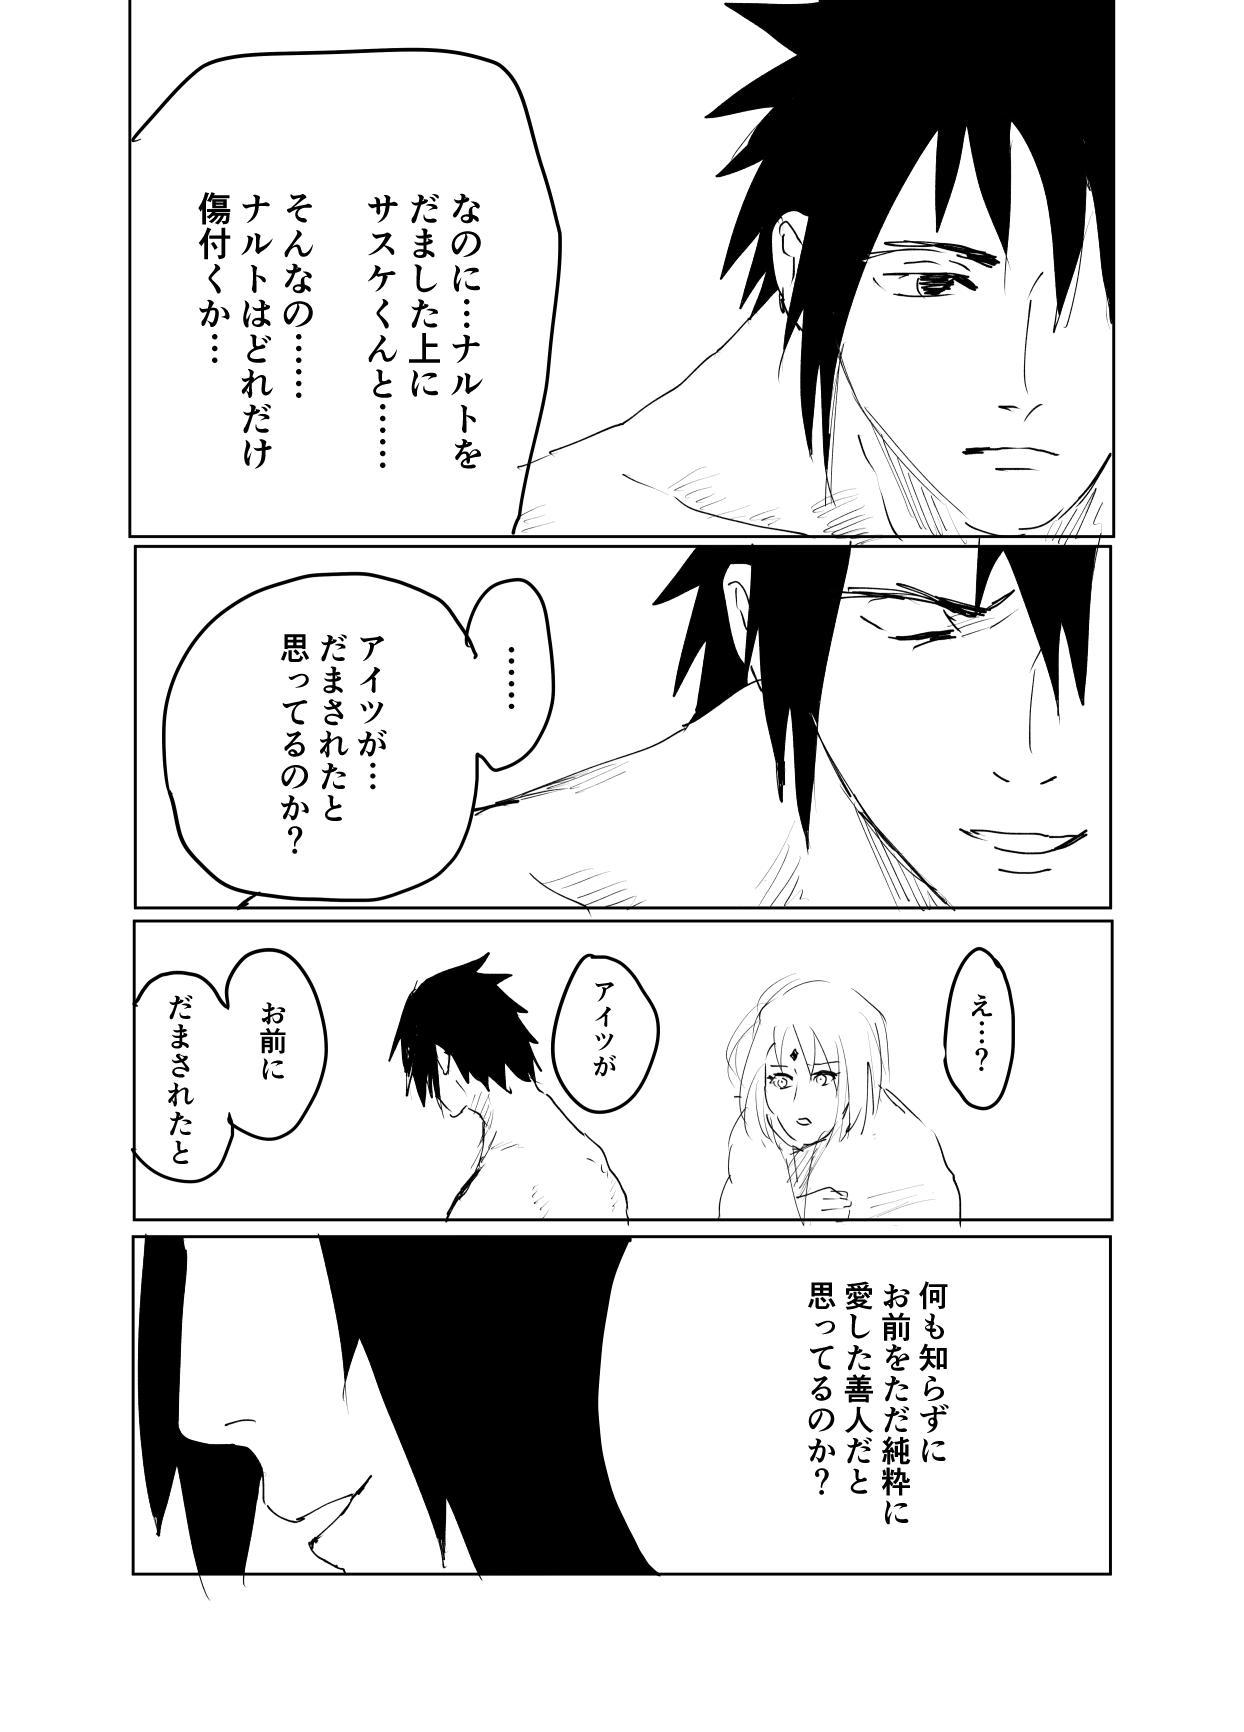 嘘告白漫画 55